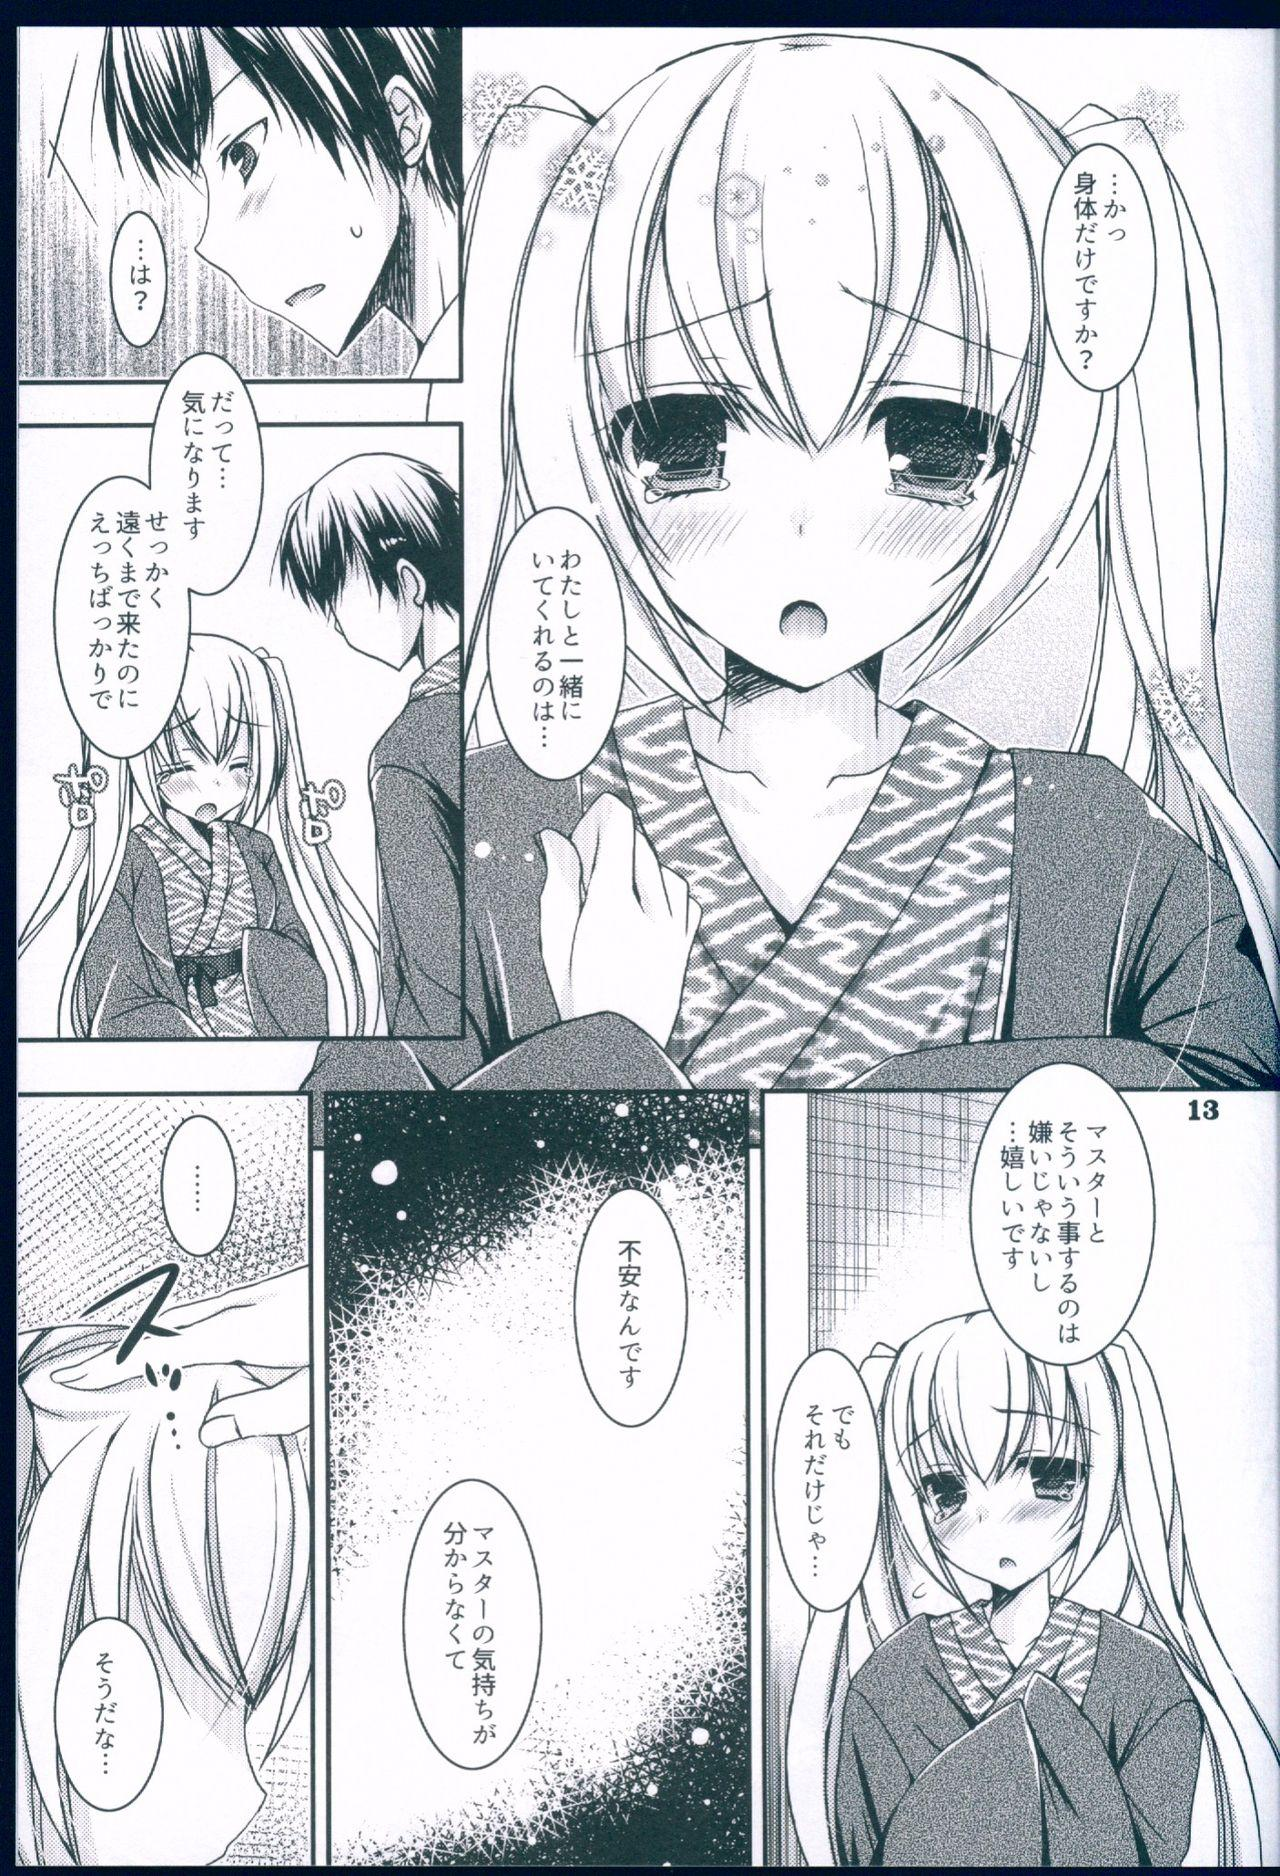 Suki to Yuki to no Aida ni 12